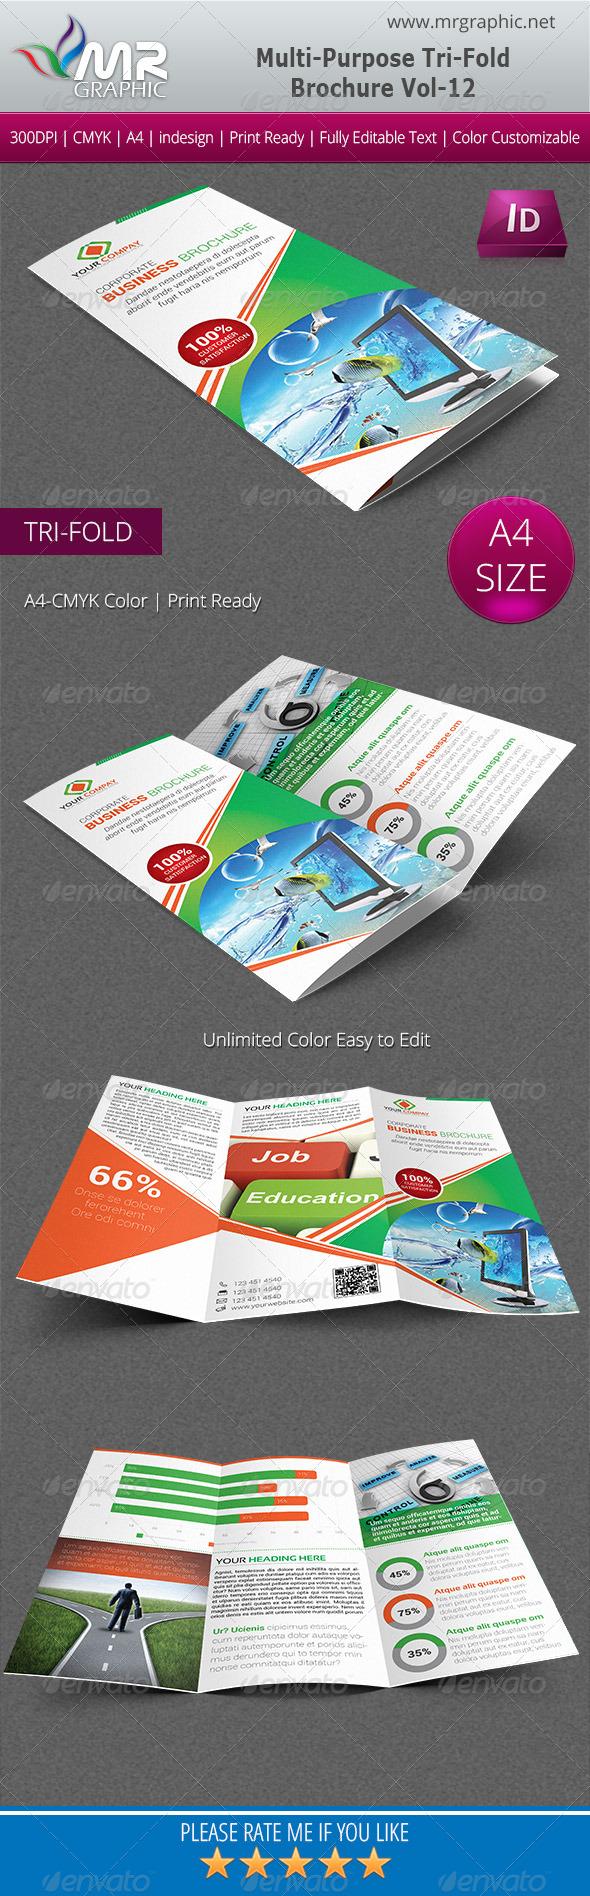 GraphicRiver Multipurpose Business Tri-Fold Brochure Vol-12 5840356